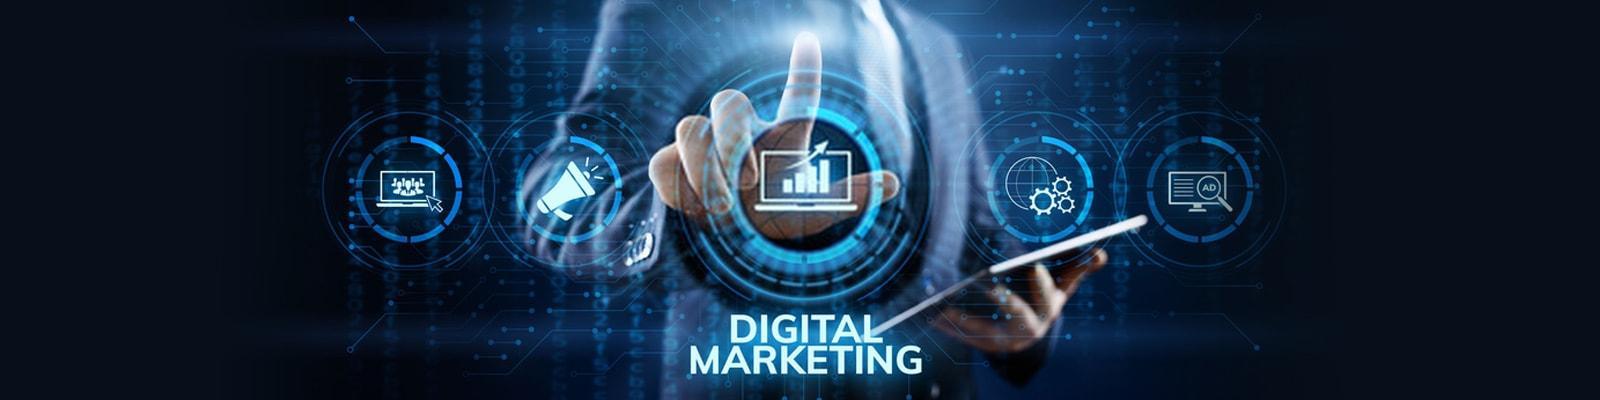 Digital Marketing-min